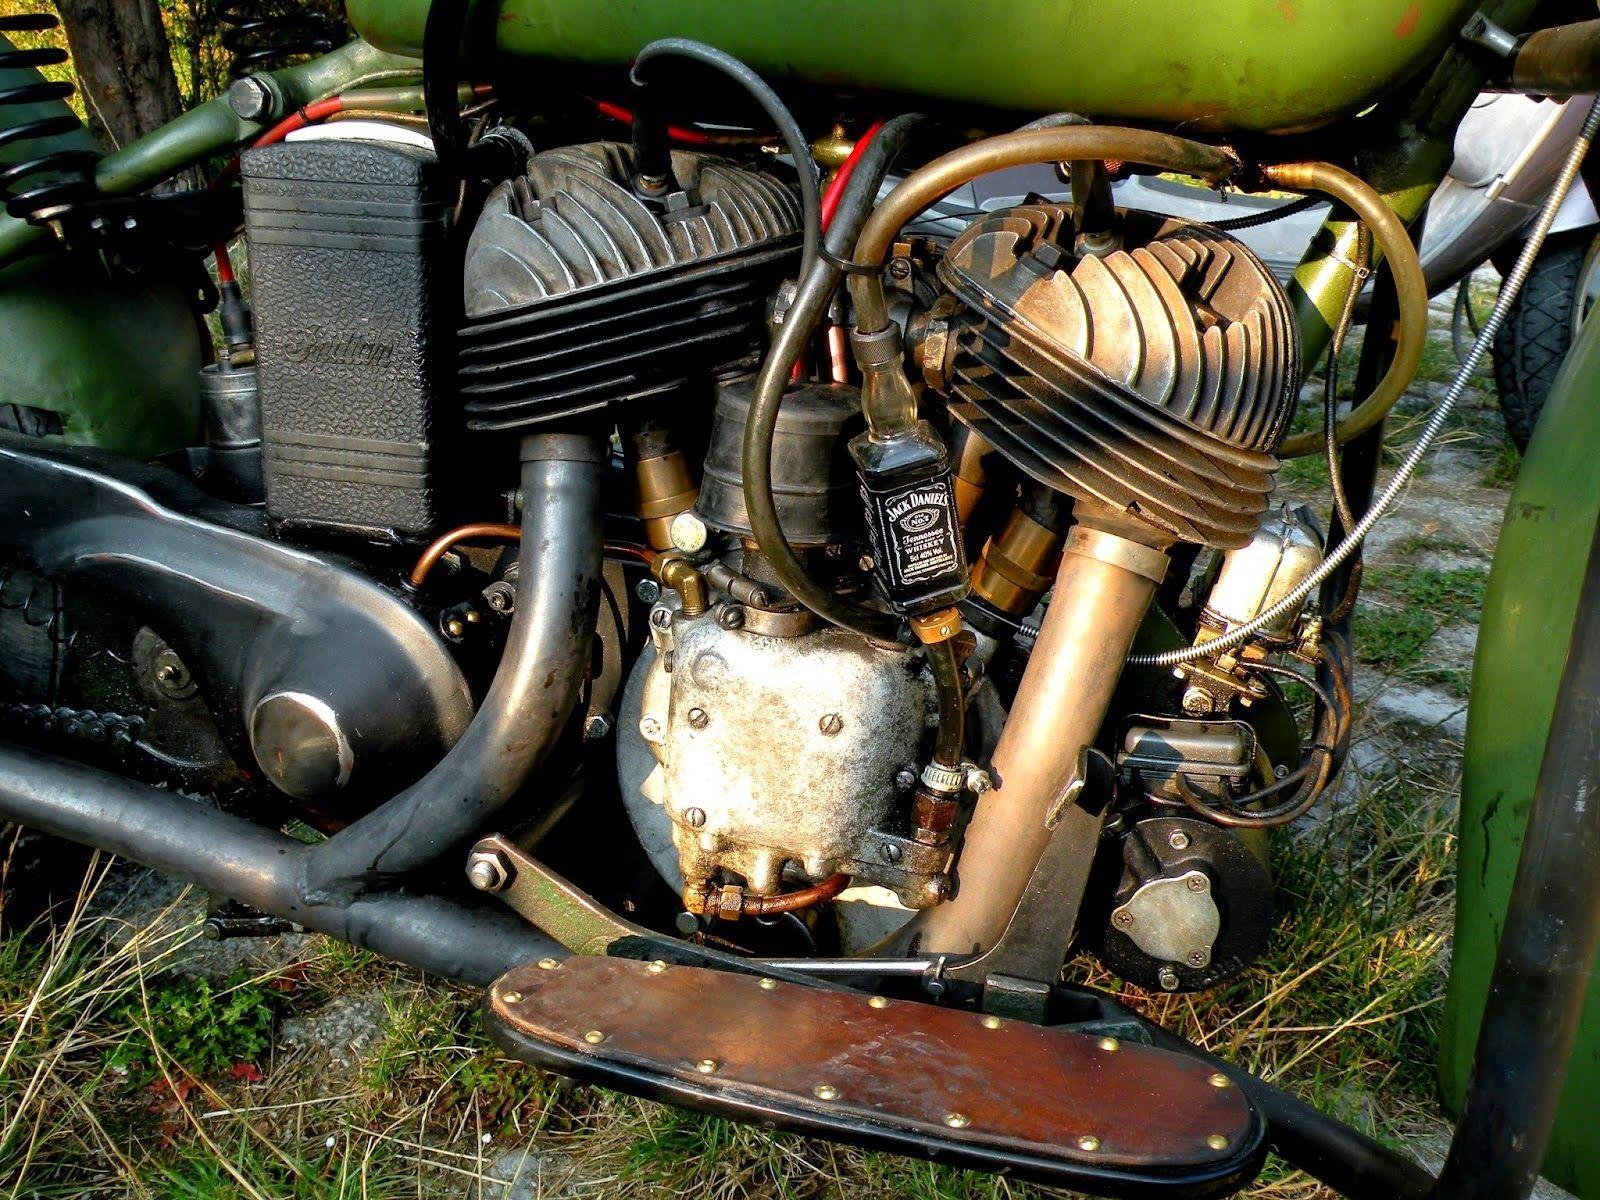 Jack daniels oil filter fuel filter jack daniels motorcycle oil filter motorcycle fuel filter